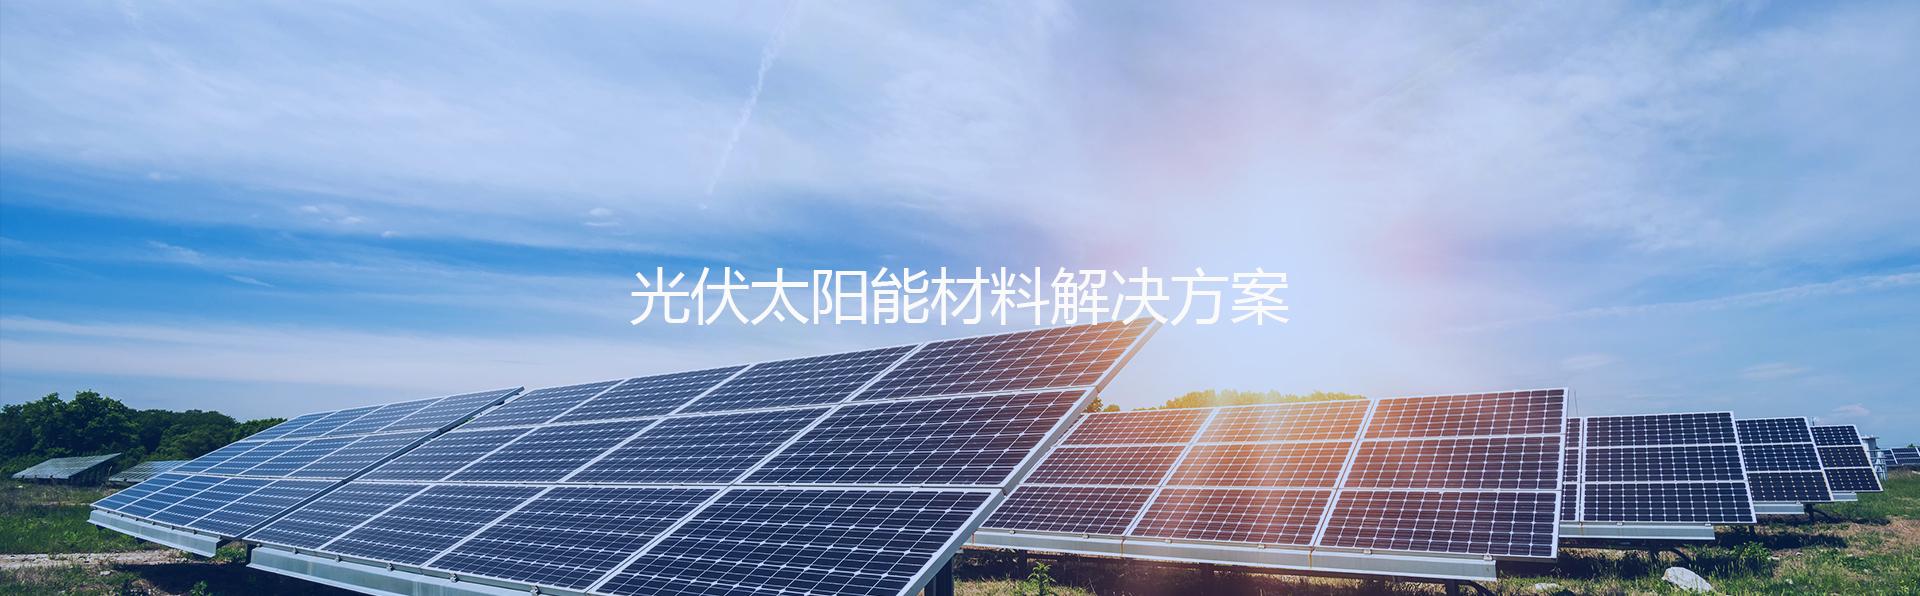 光伏太阳能电极